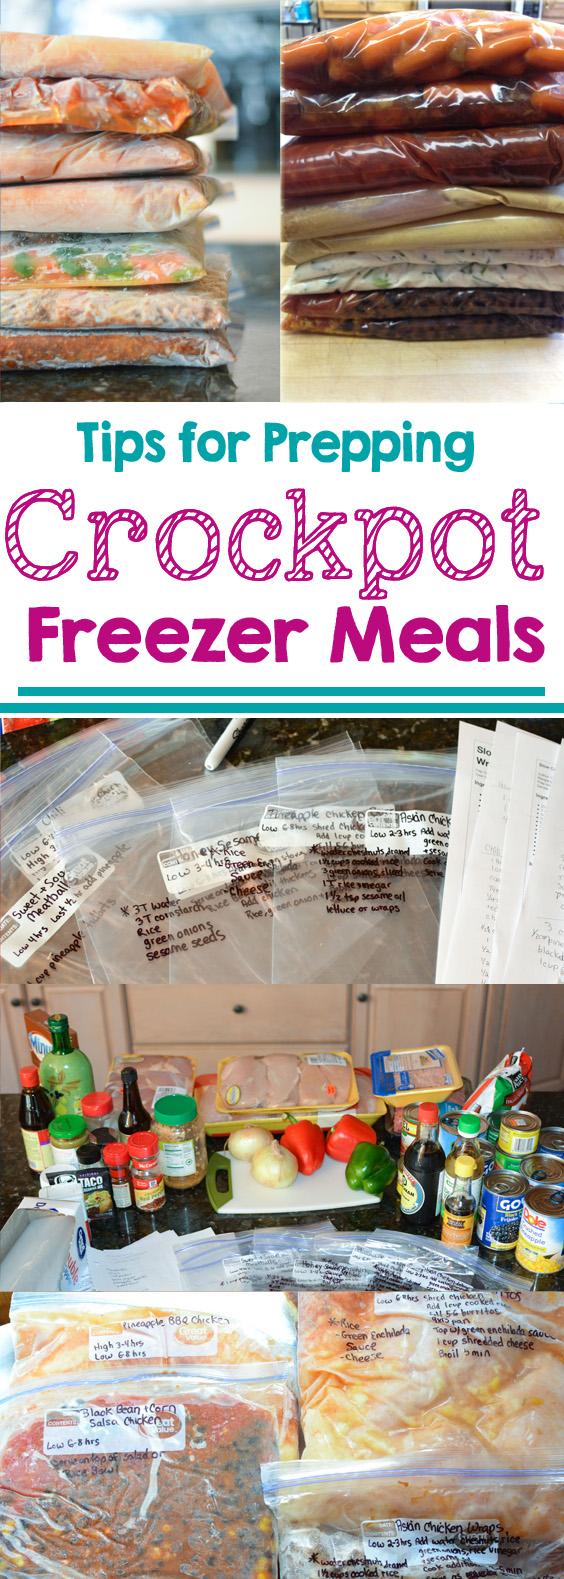 tips for prepping crock pot freezer meals